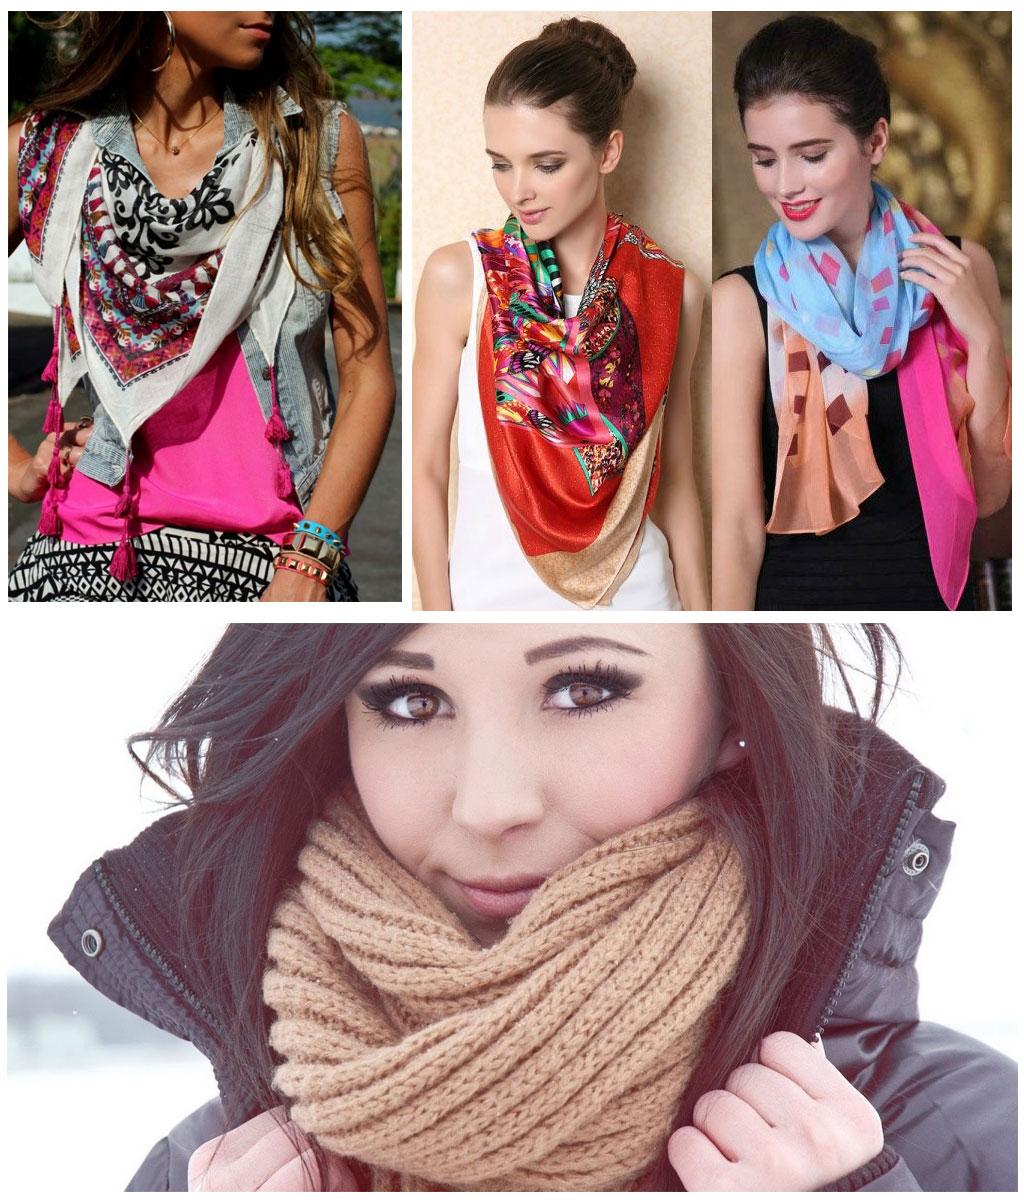 scarf wardrobe essentials for women Must have wardrobe essentials for women scarf